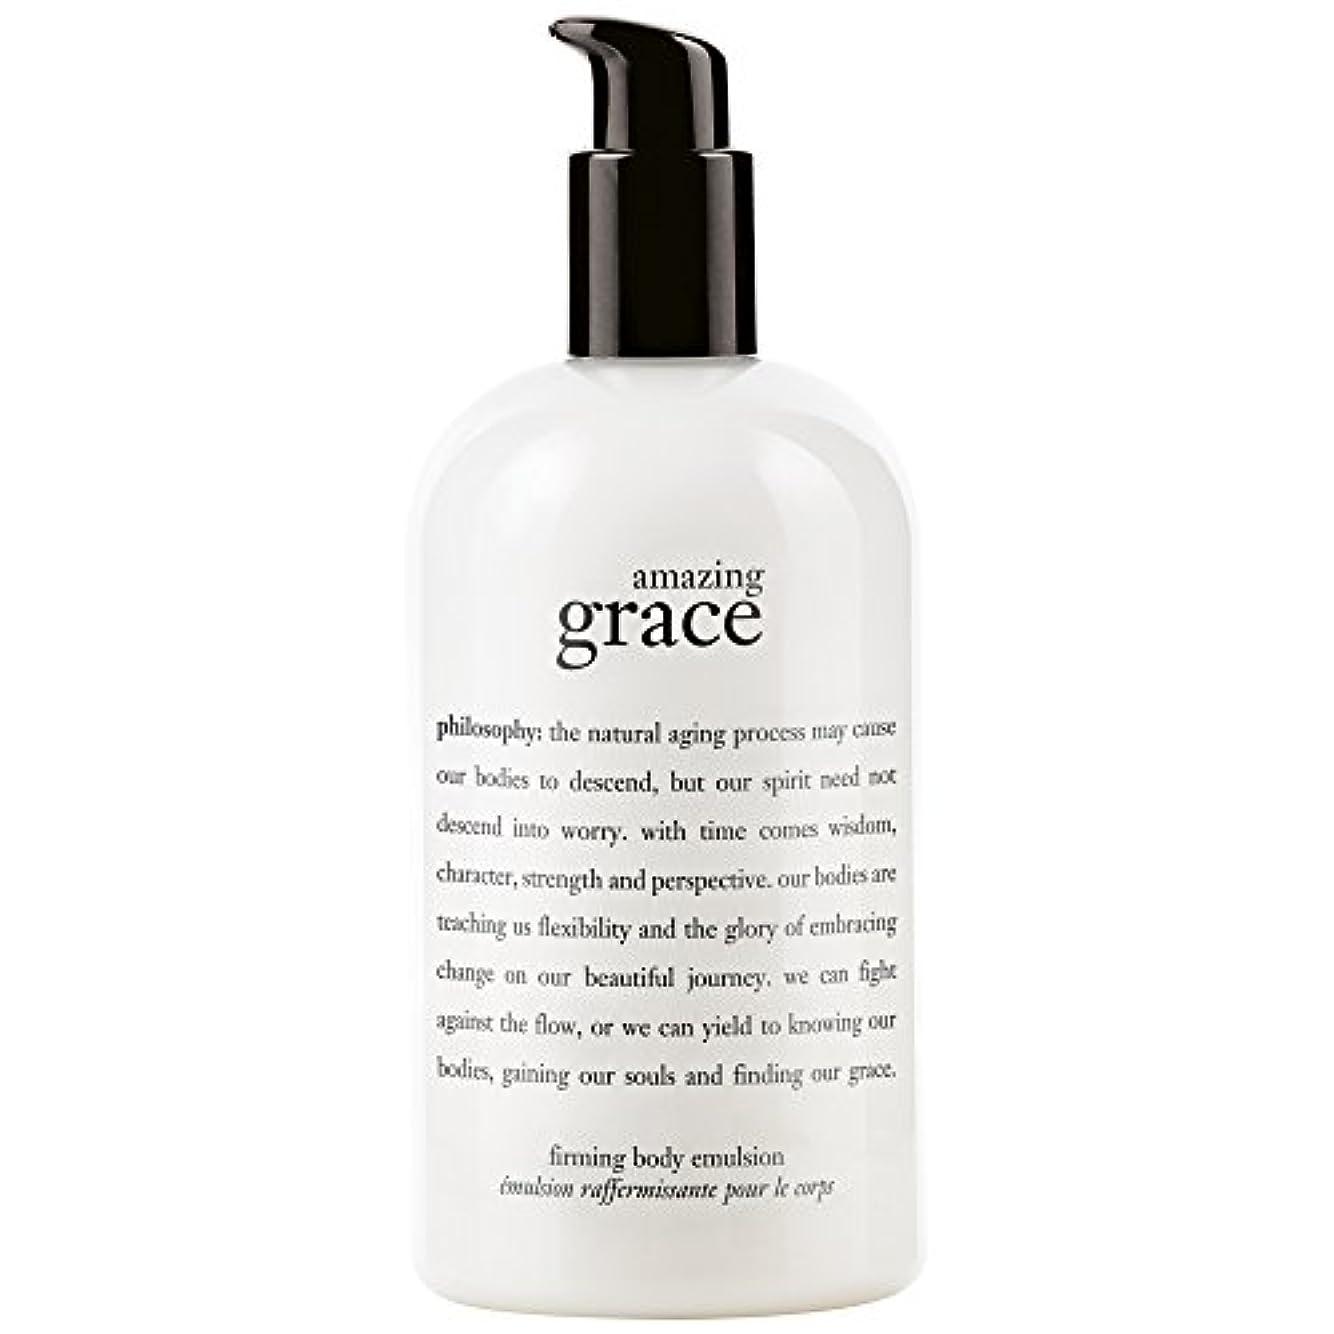 寄託振り子ロシア哲学驚くべき恵み引き締めボディエマルジョン480ミリリットル (Philosophy) (x6) - Philosophy Amazing Grace Firming Body Emulsion 480ml (Pack...